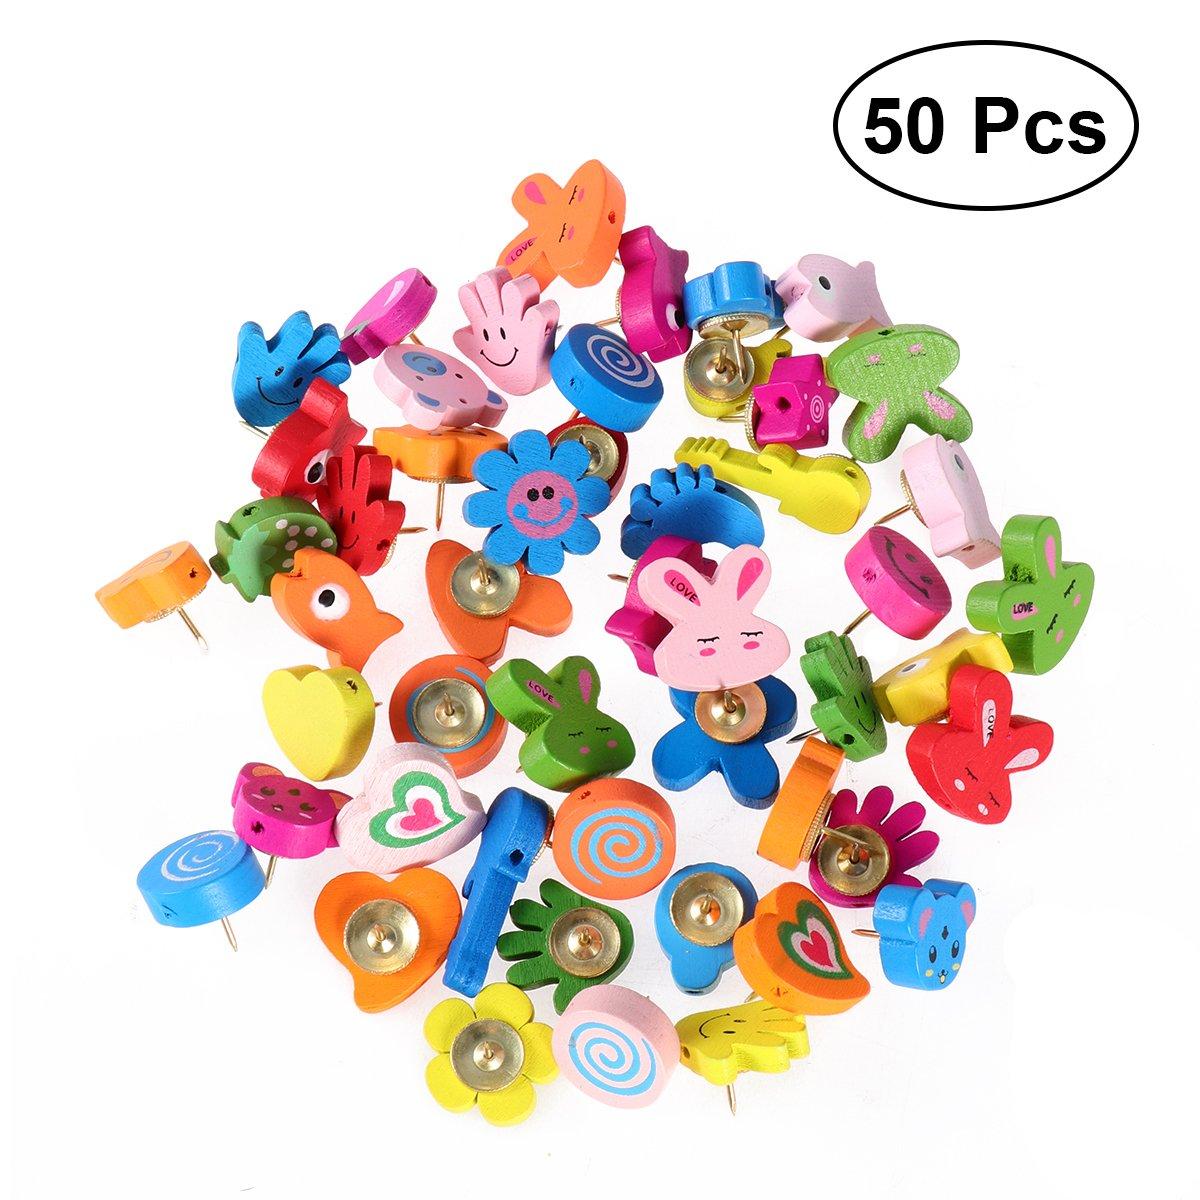 NUOLUX puntine colorate da disegno di Modello animale in legno dei cartoni animati decorative per scuola e ufficio uso, colore casuale, 50 Pezzi